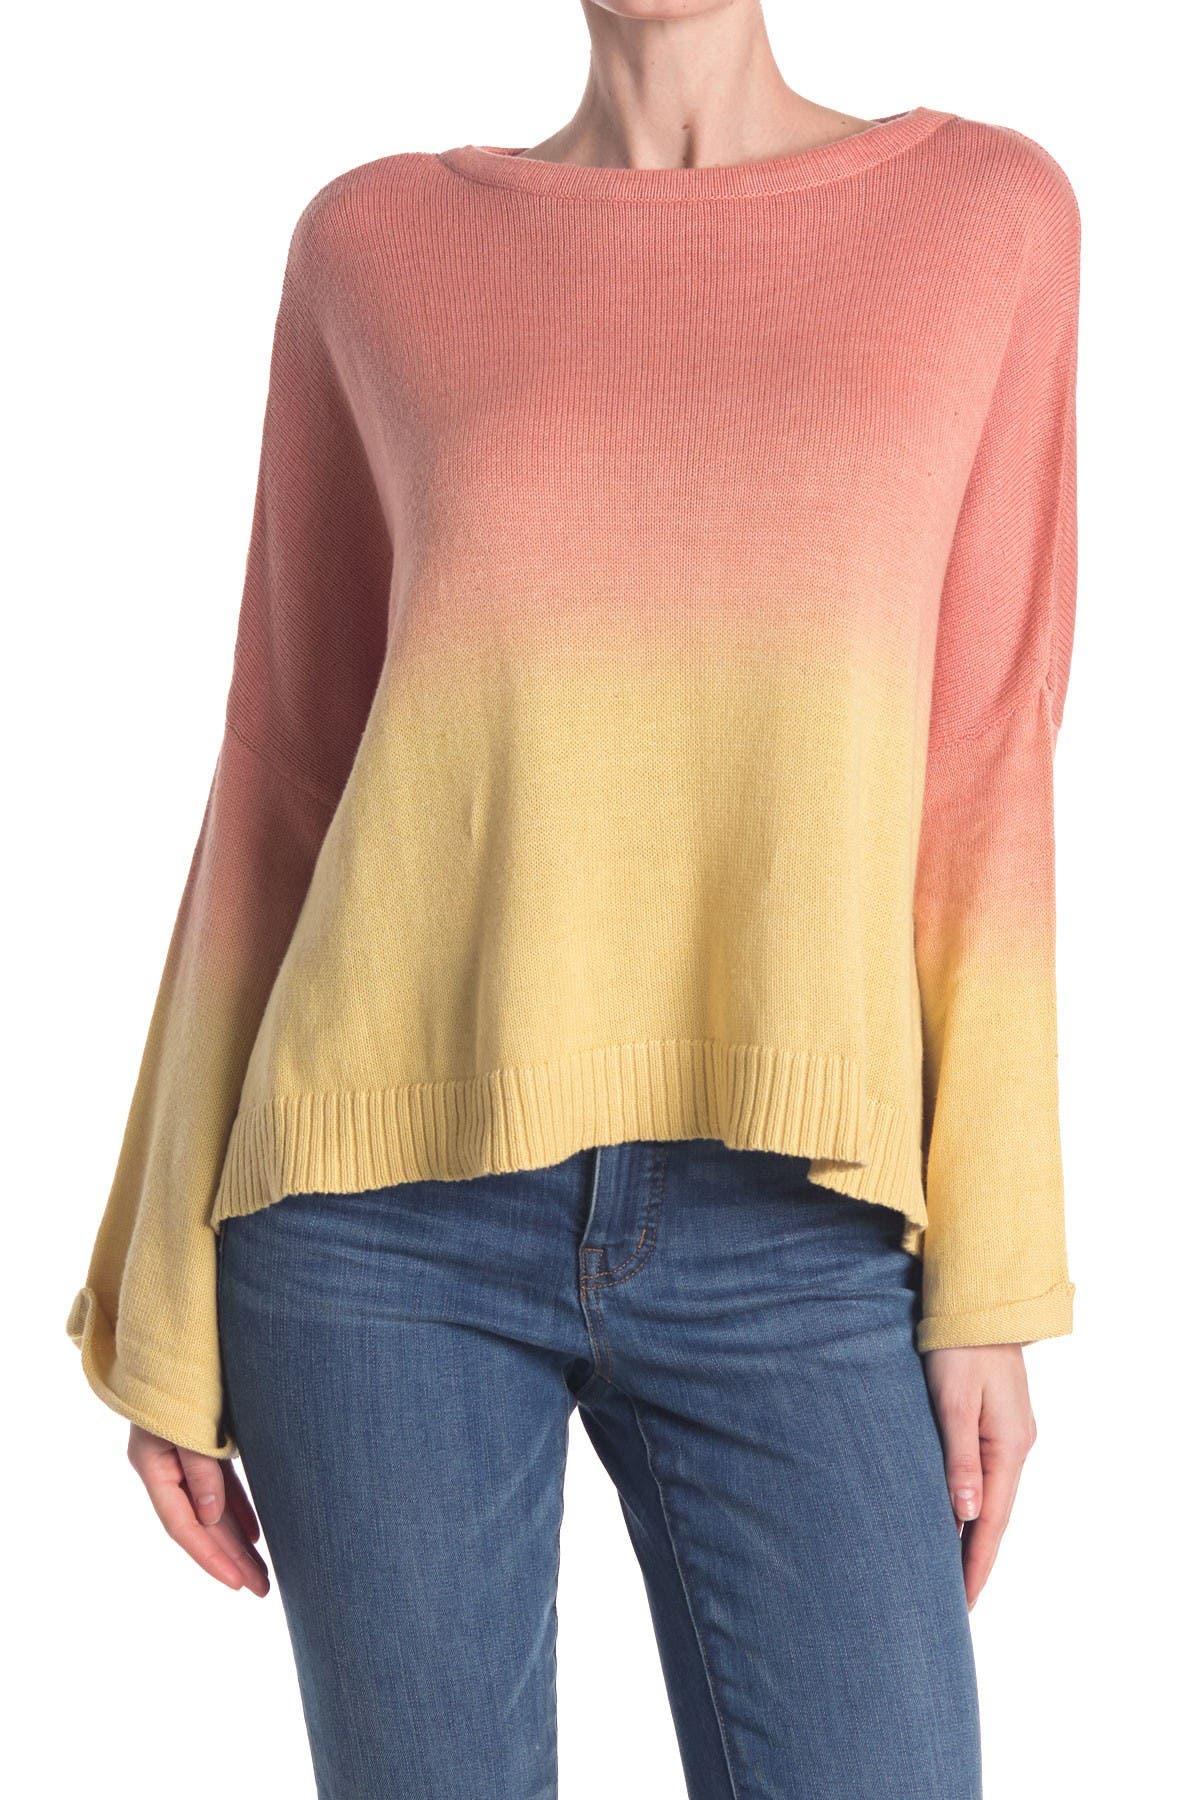 Image of Mustard Seed Dip Dye Knit Sweater